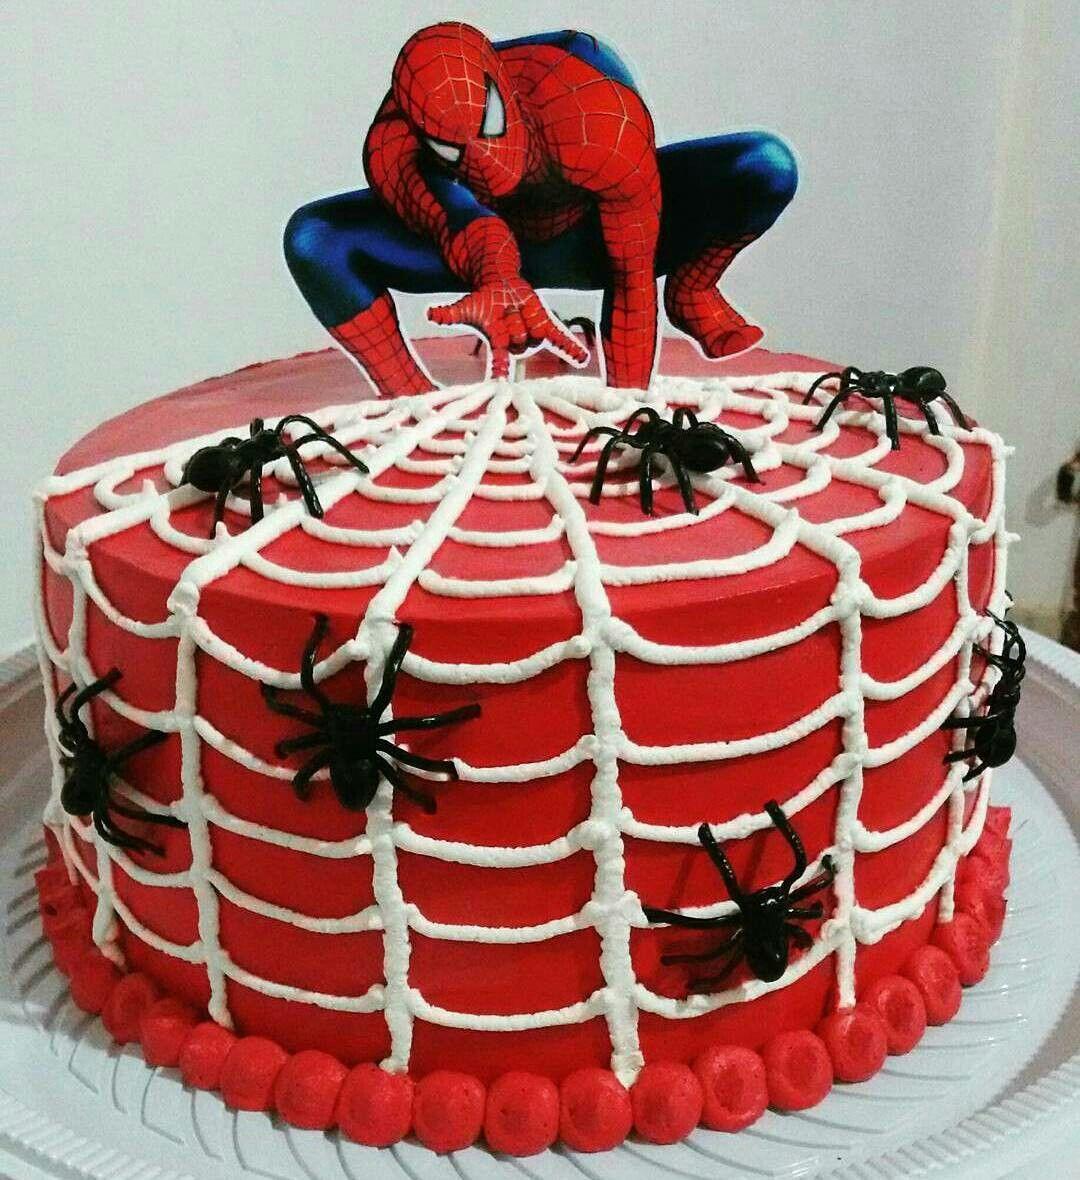 bolo do homem aranha redondo